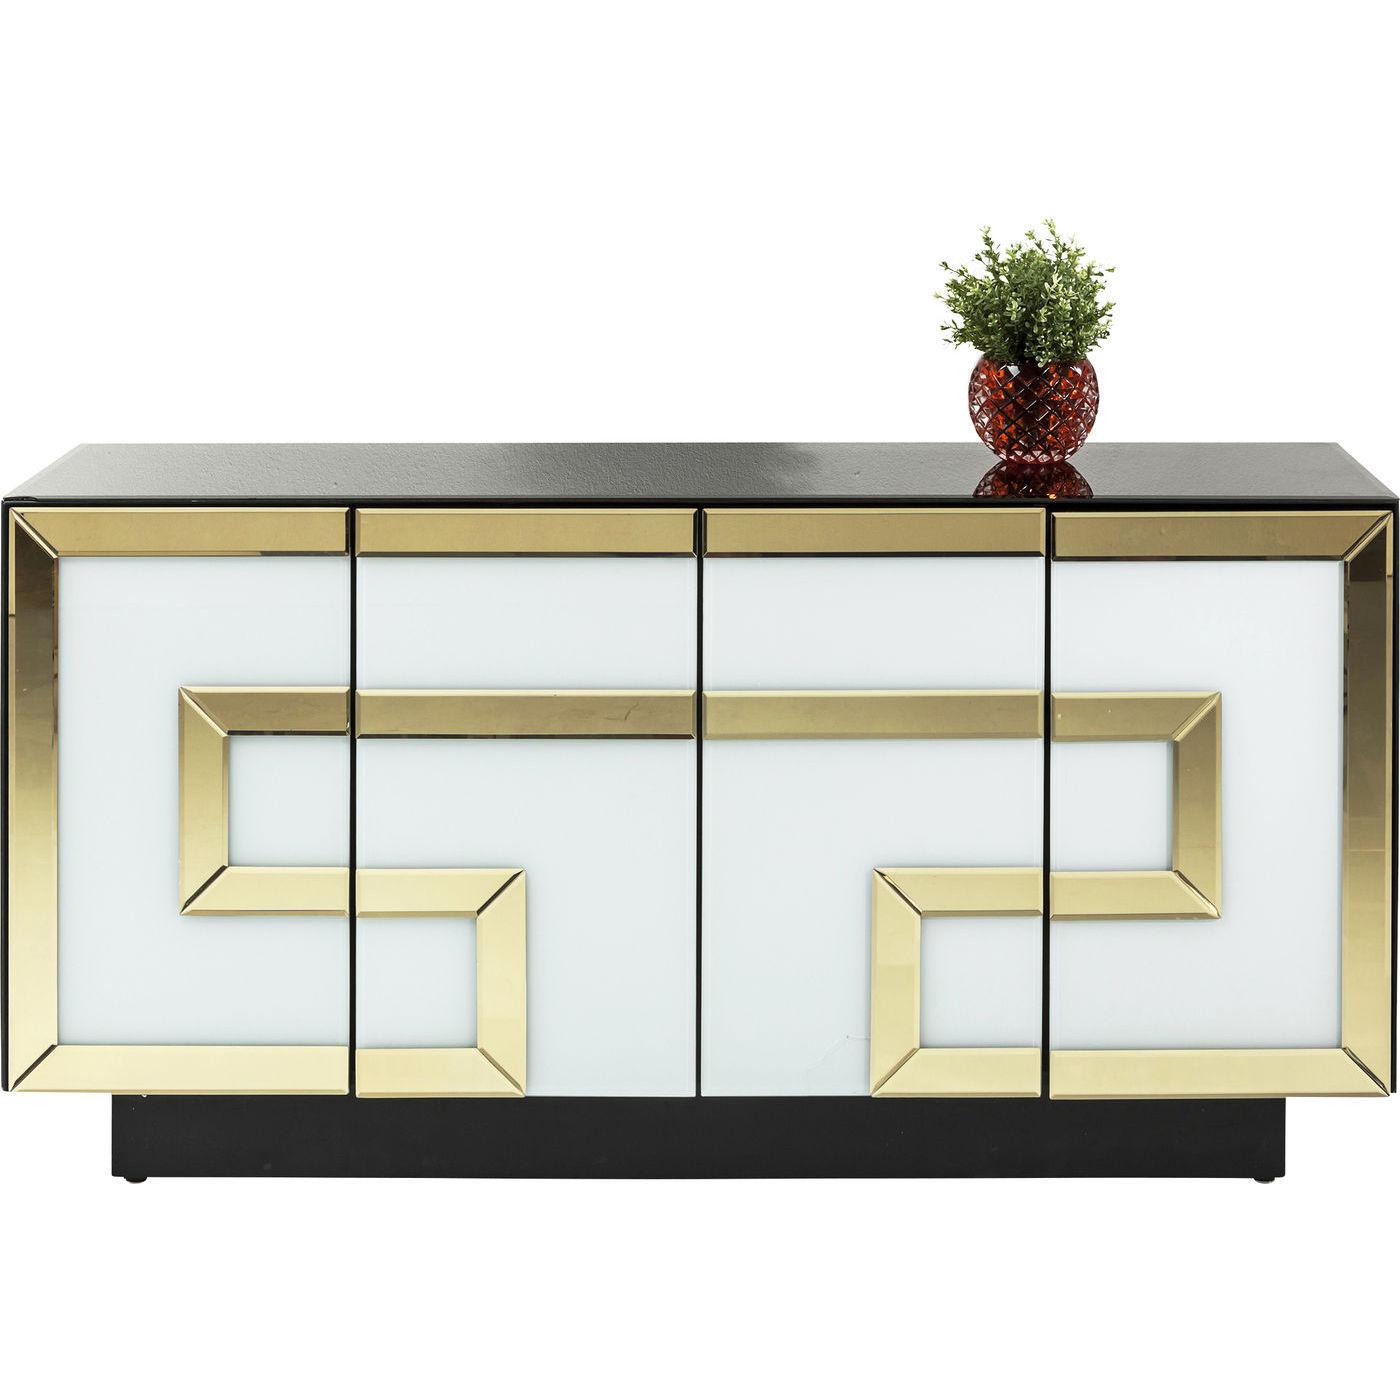 Kare design elite skænk - hvid og guld glas fra kare design fra boboonline.dk